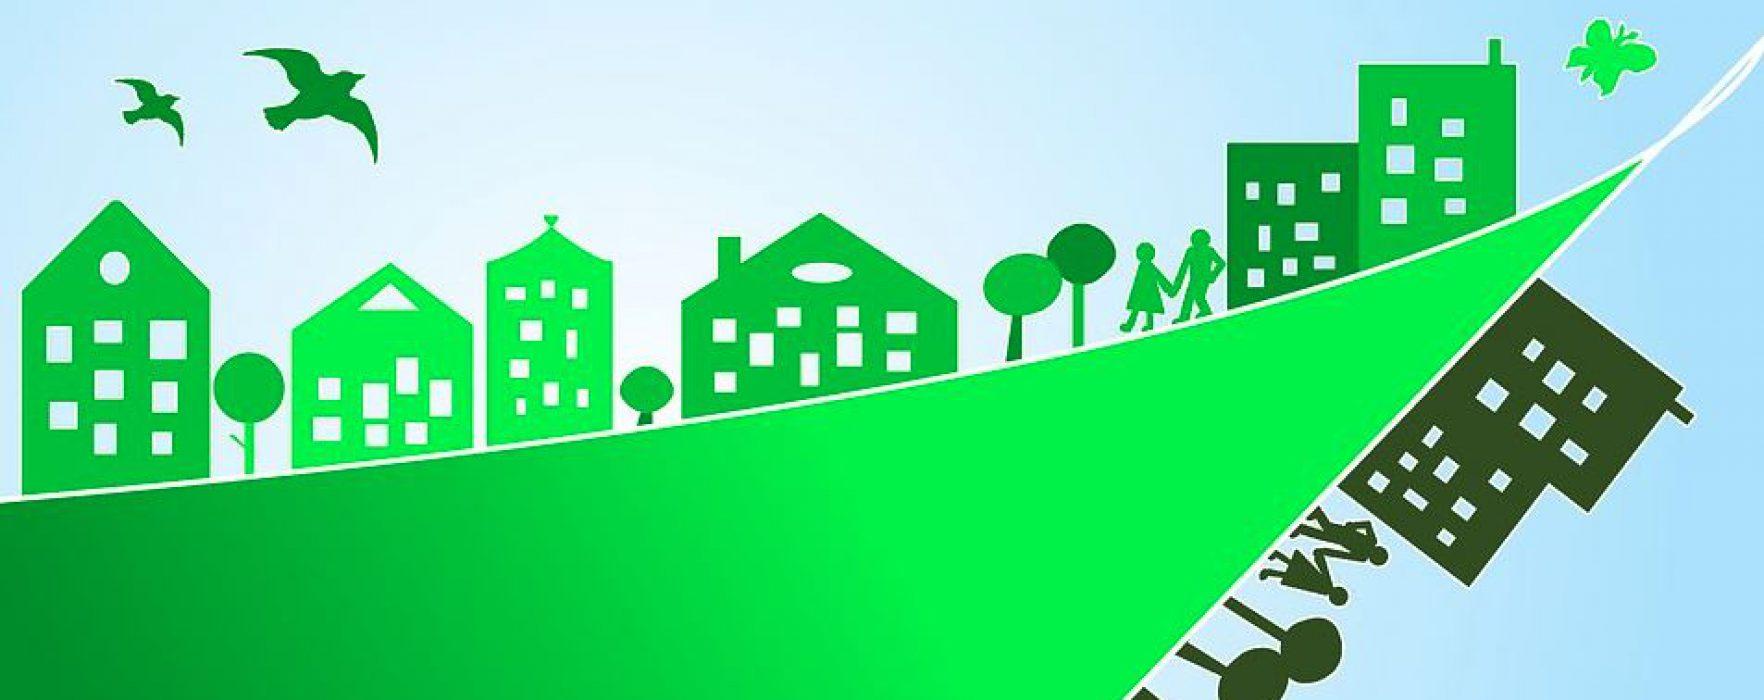 Conoce 'in situ' las medidas de ahorro energético de tu casa de obra nueva en Las Rozas